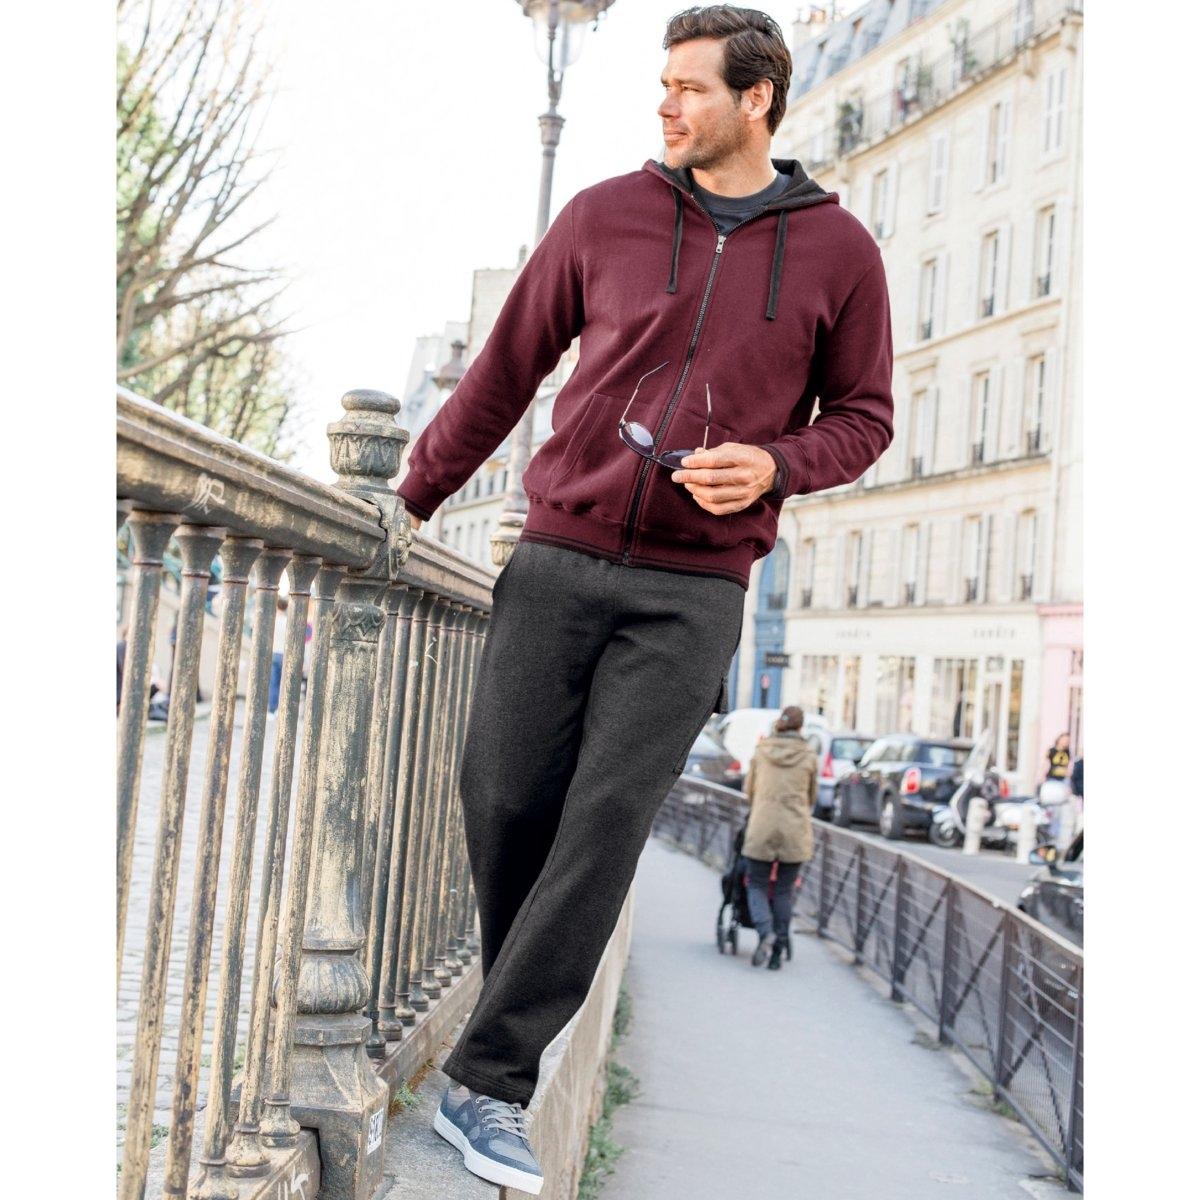 Брюки спортивные из мольтонаLa Redoute<br>Спортивные брюки из мольтона. Пояс в рубчик с полосками. 1 накладной карман на левой брючине. 2 кармана в боковых швах. Из мольтона, 55% хлопка, 45% полиэстера. Знак Oeko-Tex*.- Длина по внутр.шву : 72-77 см, в зависимости от размера. - Ширина по низу : 23-28 см, в зависимости от размера. *Международный знак Oeko-Tex гарантирует отсутствие вредных или раздражающих кожу веществ<br><br>Цвет: темно-серый меланж,темно-синий<br>Размер: 46/48.50/52.82/84.50/52.74/76.78/80.82/84.86/88 (FR) - 92/94 (RUS)